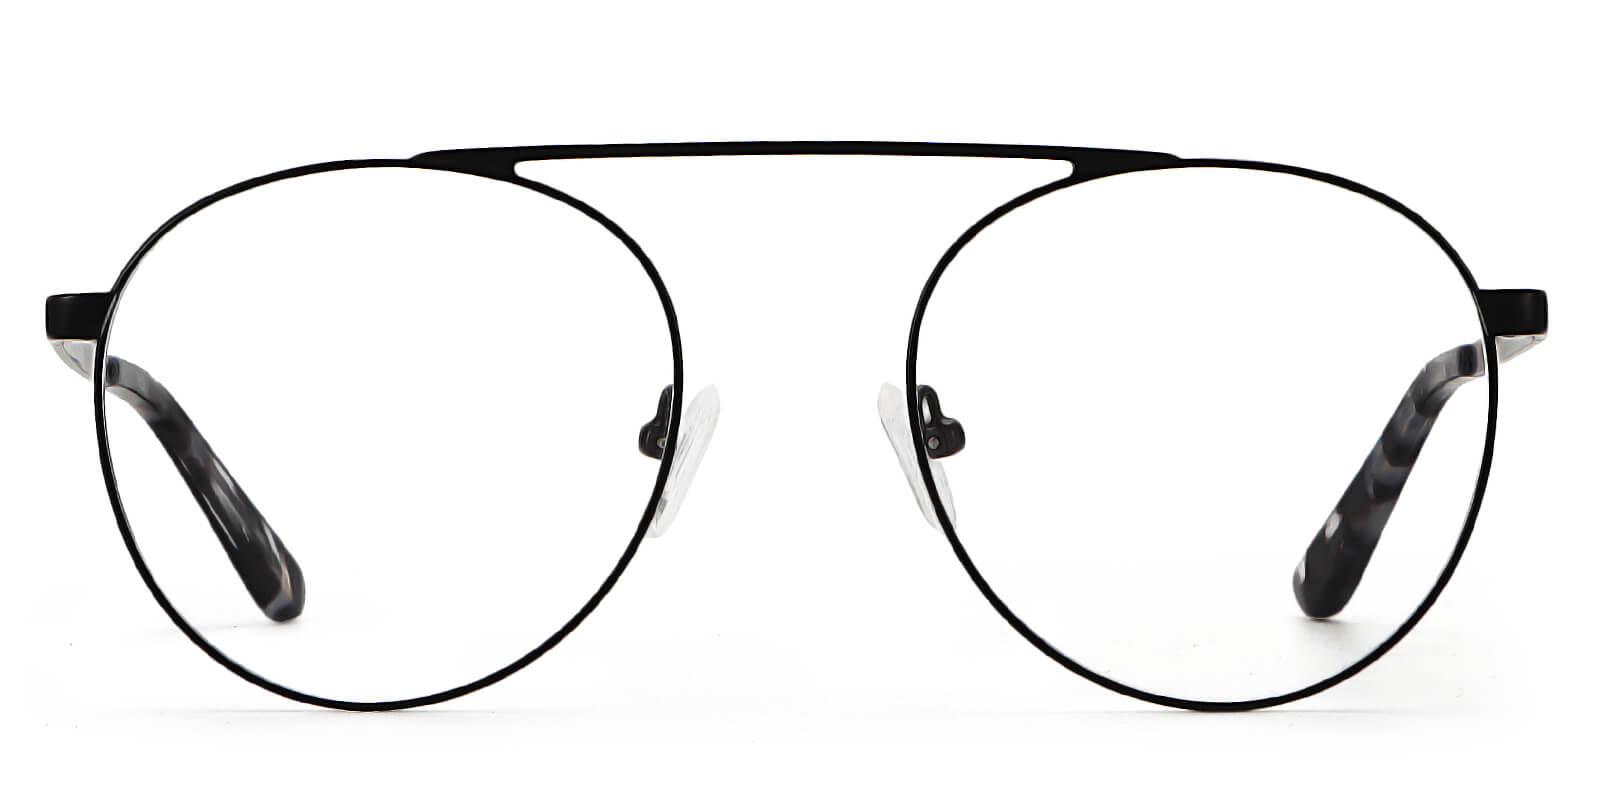 Gaetana-Aviator super-light eyeglasses with one-piece high nose bridge design